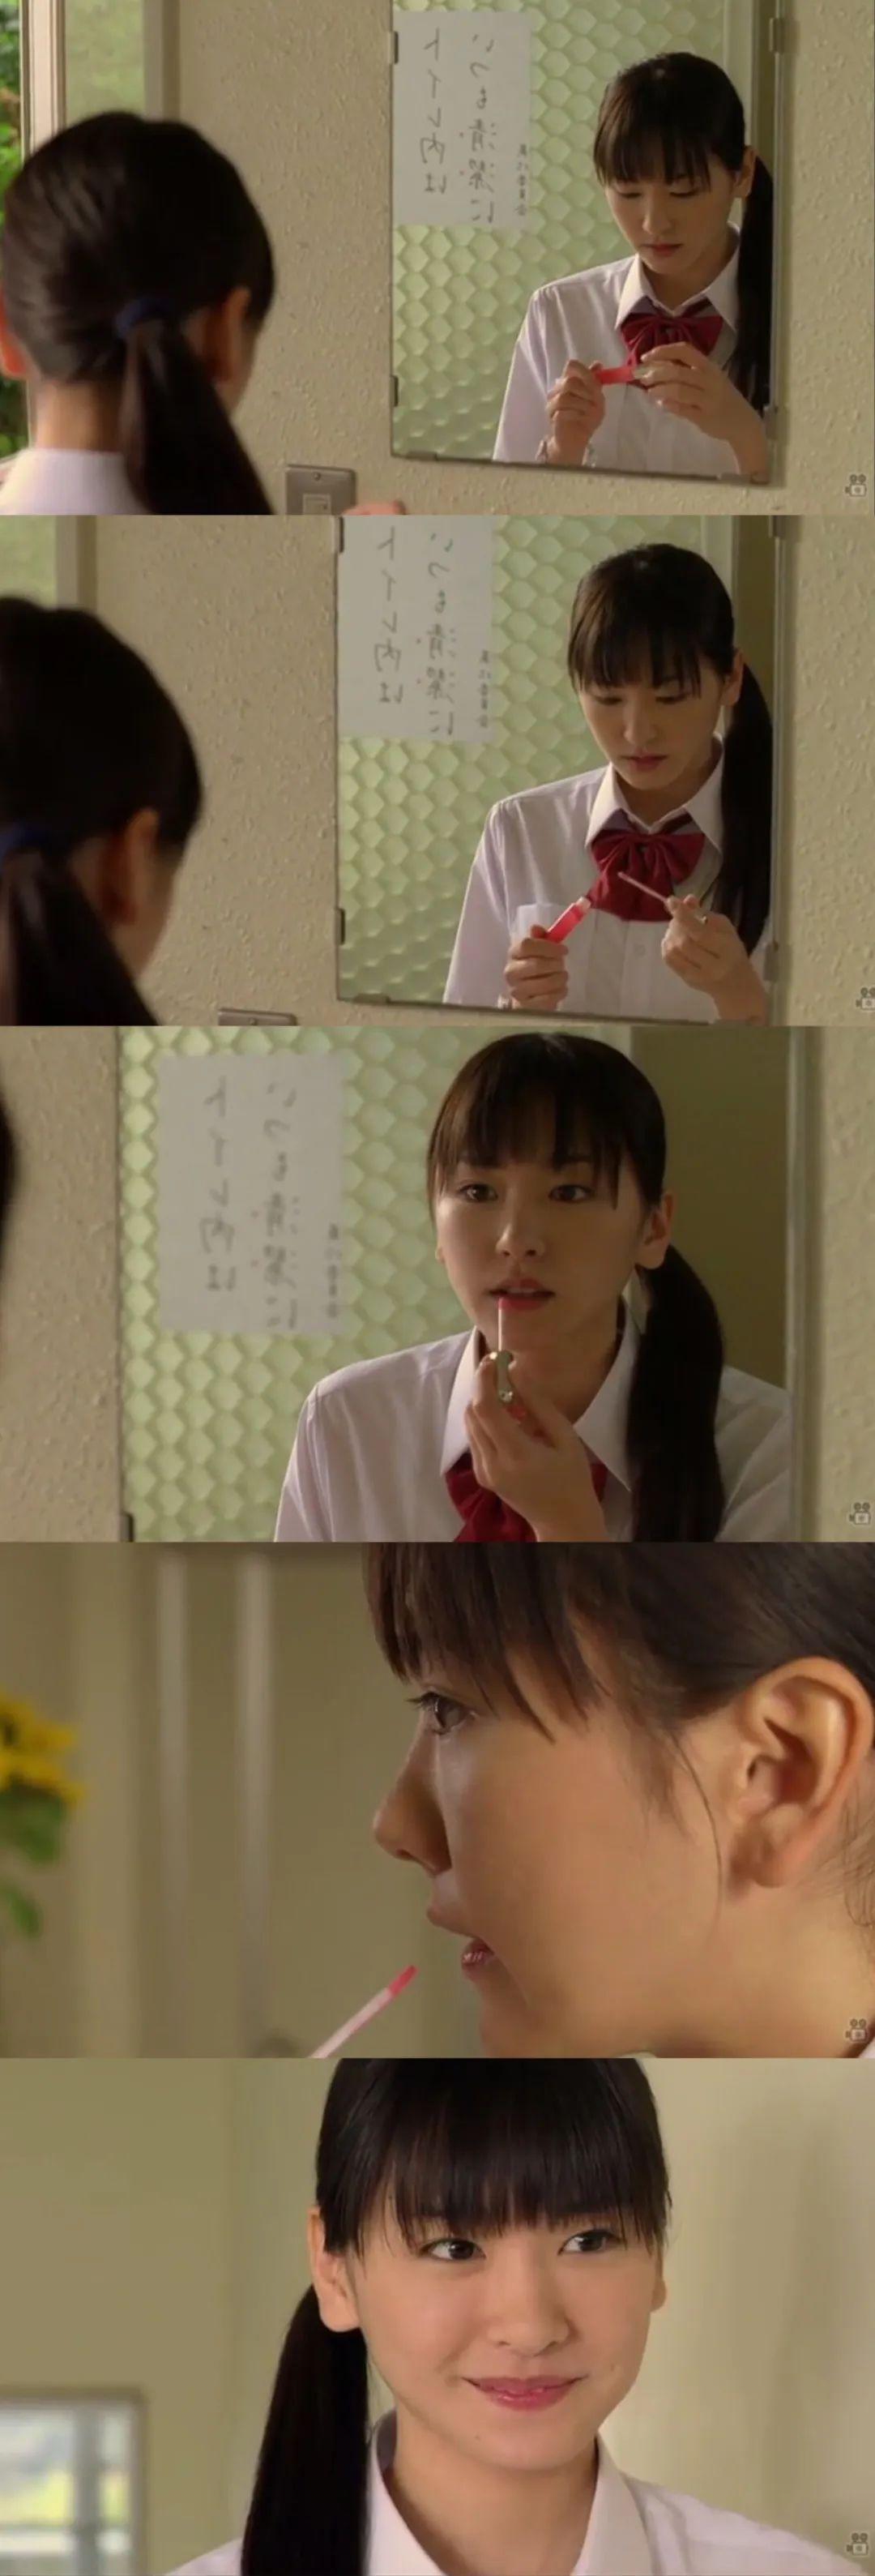 新垣结衣 恋空(2007年)剧情截图,青涩的新垣结衣_图片 No.3